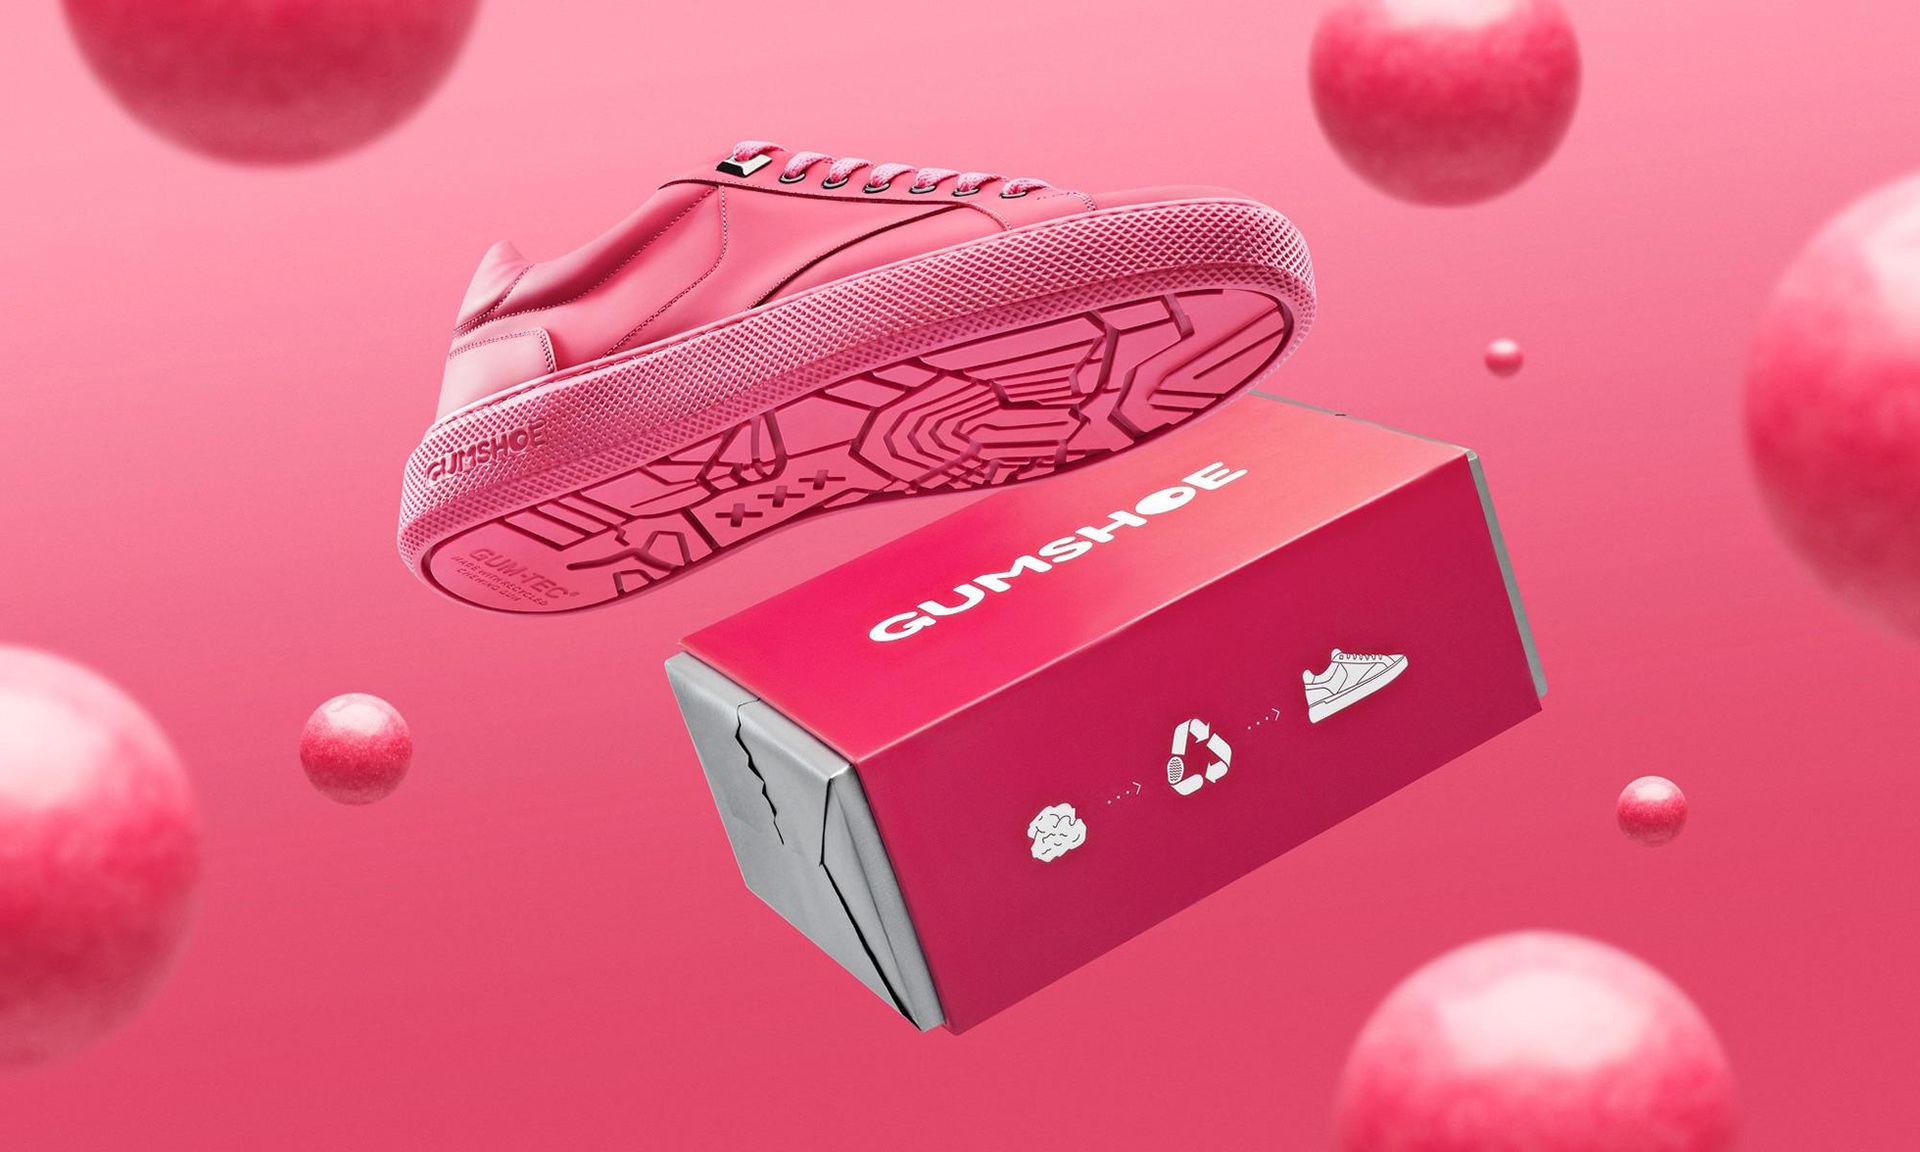 De här skorna är tillverkade av tuggummi